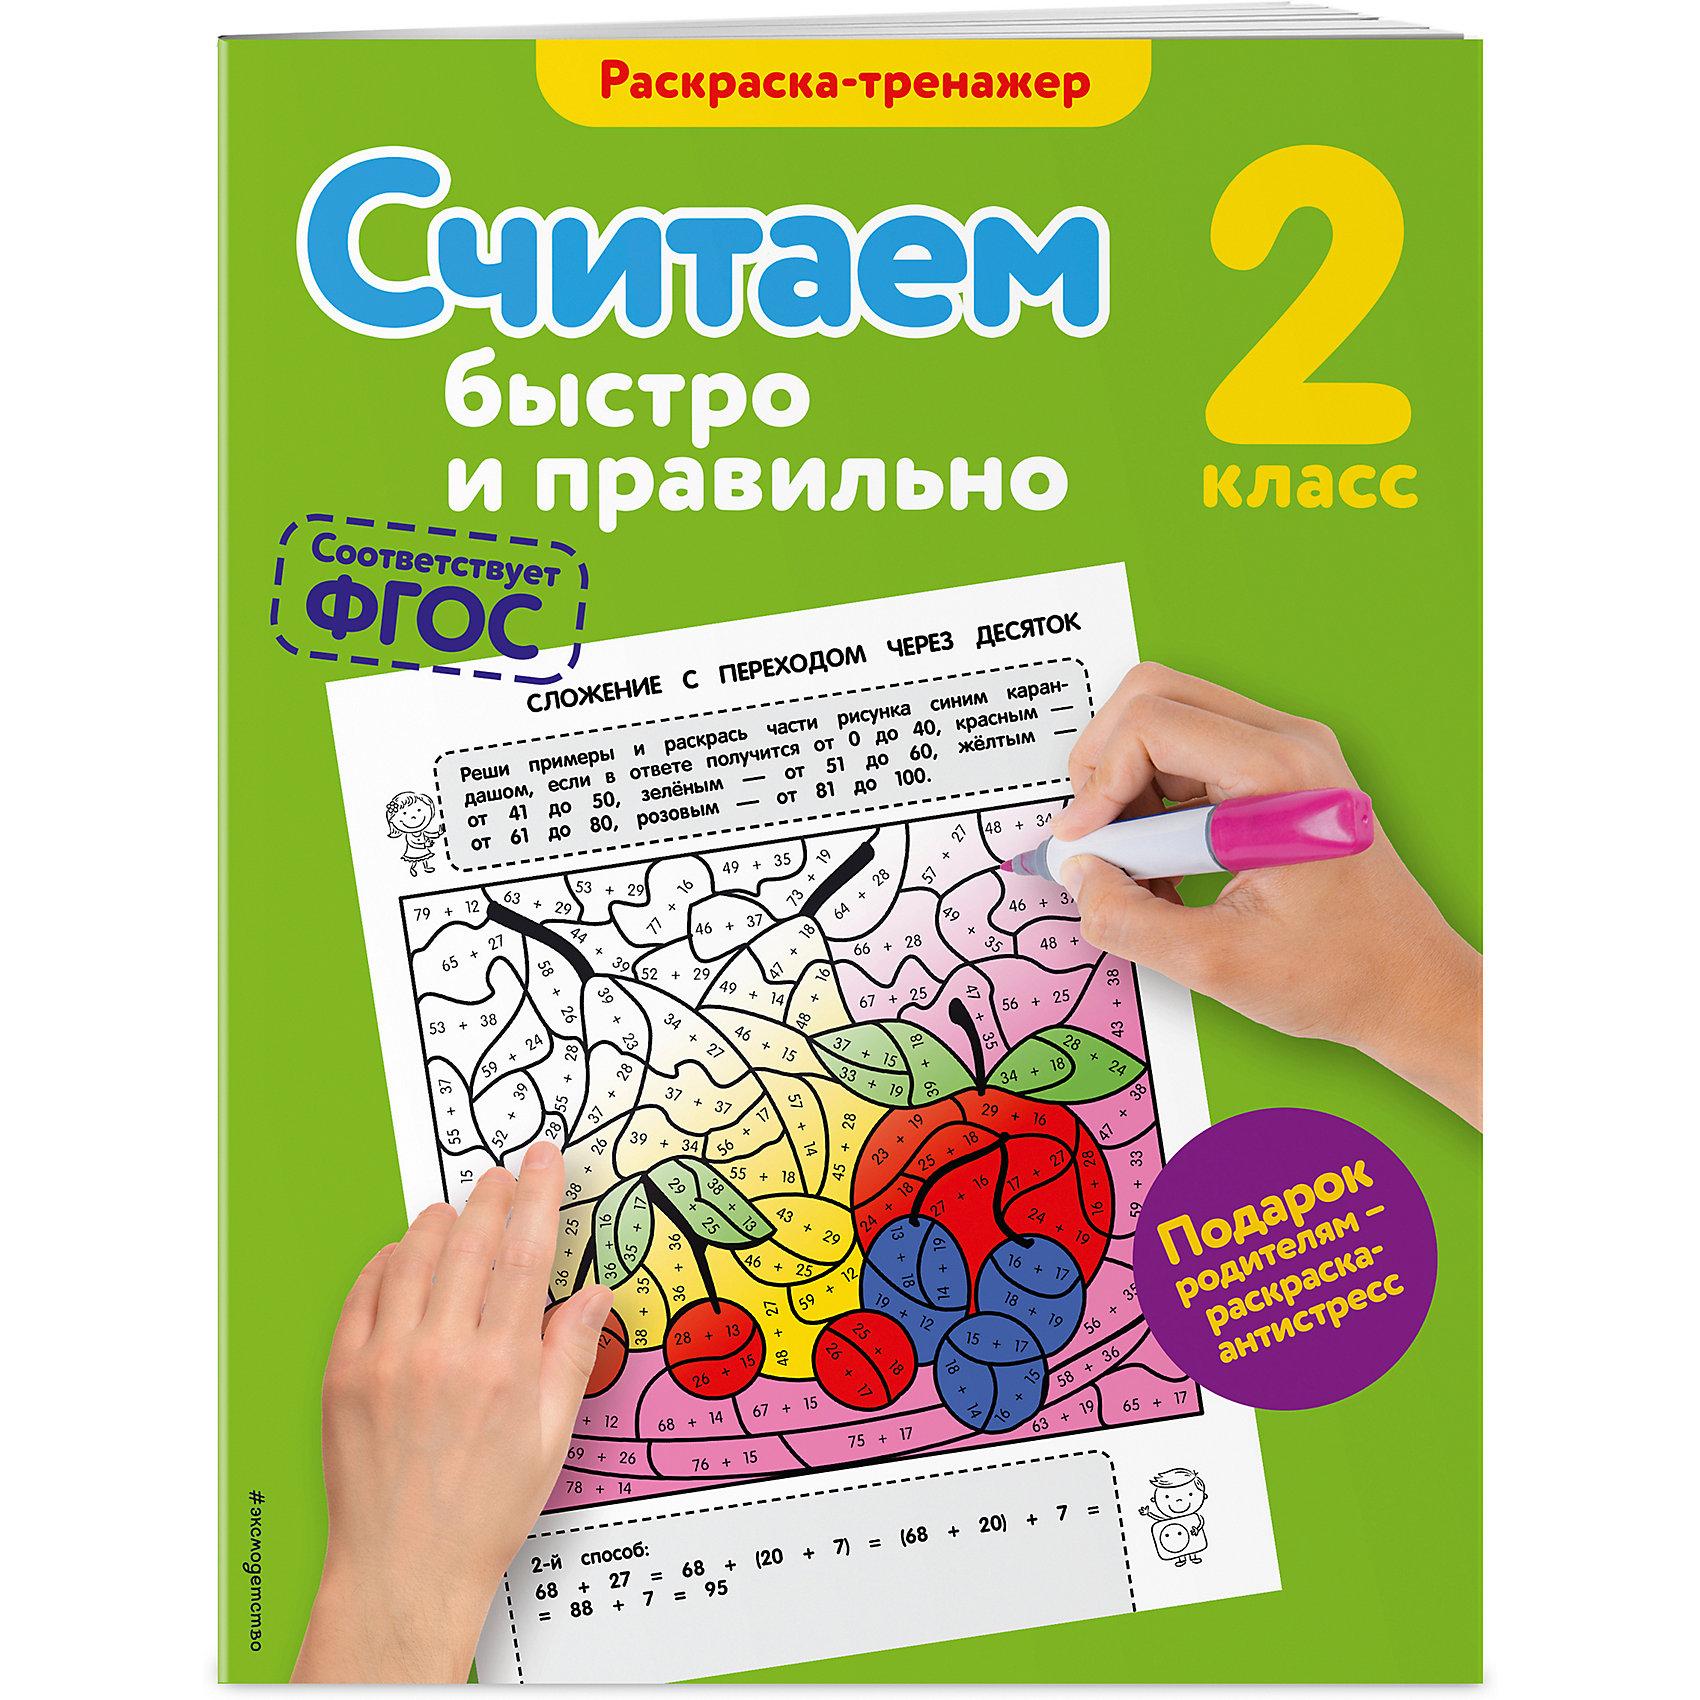 Считаем быстро и правильно, 2-й классПособия для обучения счёту<br>Пособие представляет собой математическую раскраску, которая поможет ученику 2-го класса закрепить навыки счета, решения примеров, и сравнения чисел в пределах 100, а также развить мелкую моторику, логику и внимание.<br>     В книге 31 задание на счет и раскрашивание, цветная вкладка с рисунками-ответами, раскраской-антистрессом для родителей и грамотой, которой школьник награждается за старание и любознательность. Нестандартная подача материала в пособии поможет увеличить эффективность занятий.<br><br>Ширина мм: 255<br>Глубина мм: 197<br>Высота мм: 2<br>Вес г: 115<br>Возраст от месяцев: 96<br>Возраст до месяцев: 108<br>Пол: Унисекс<br>Возраст: Детский<br>SKU: 5098437